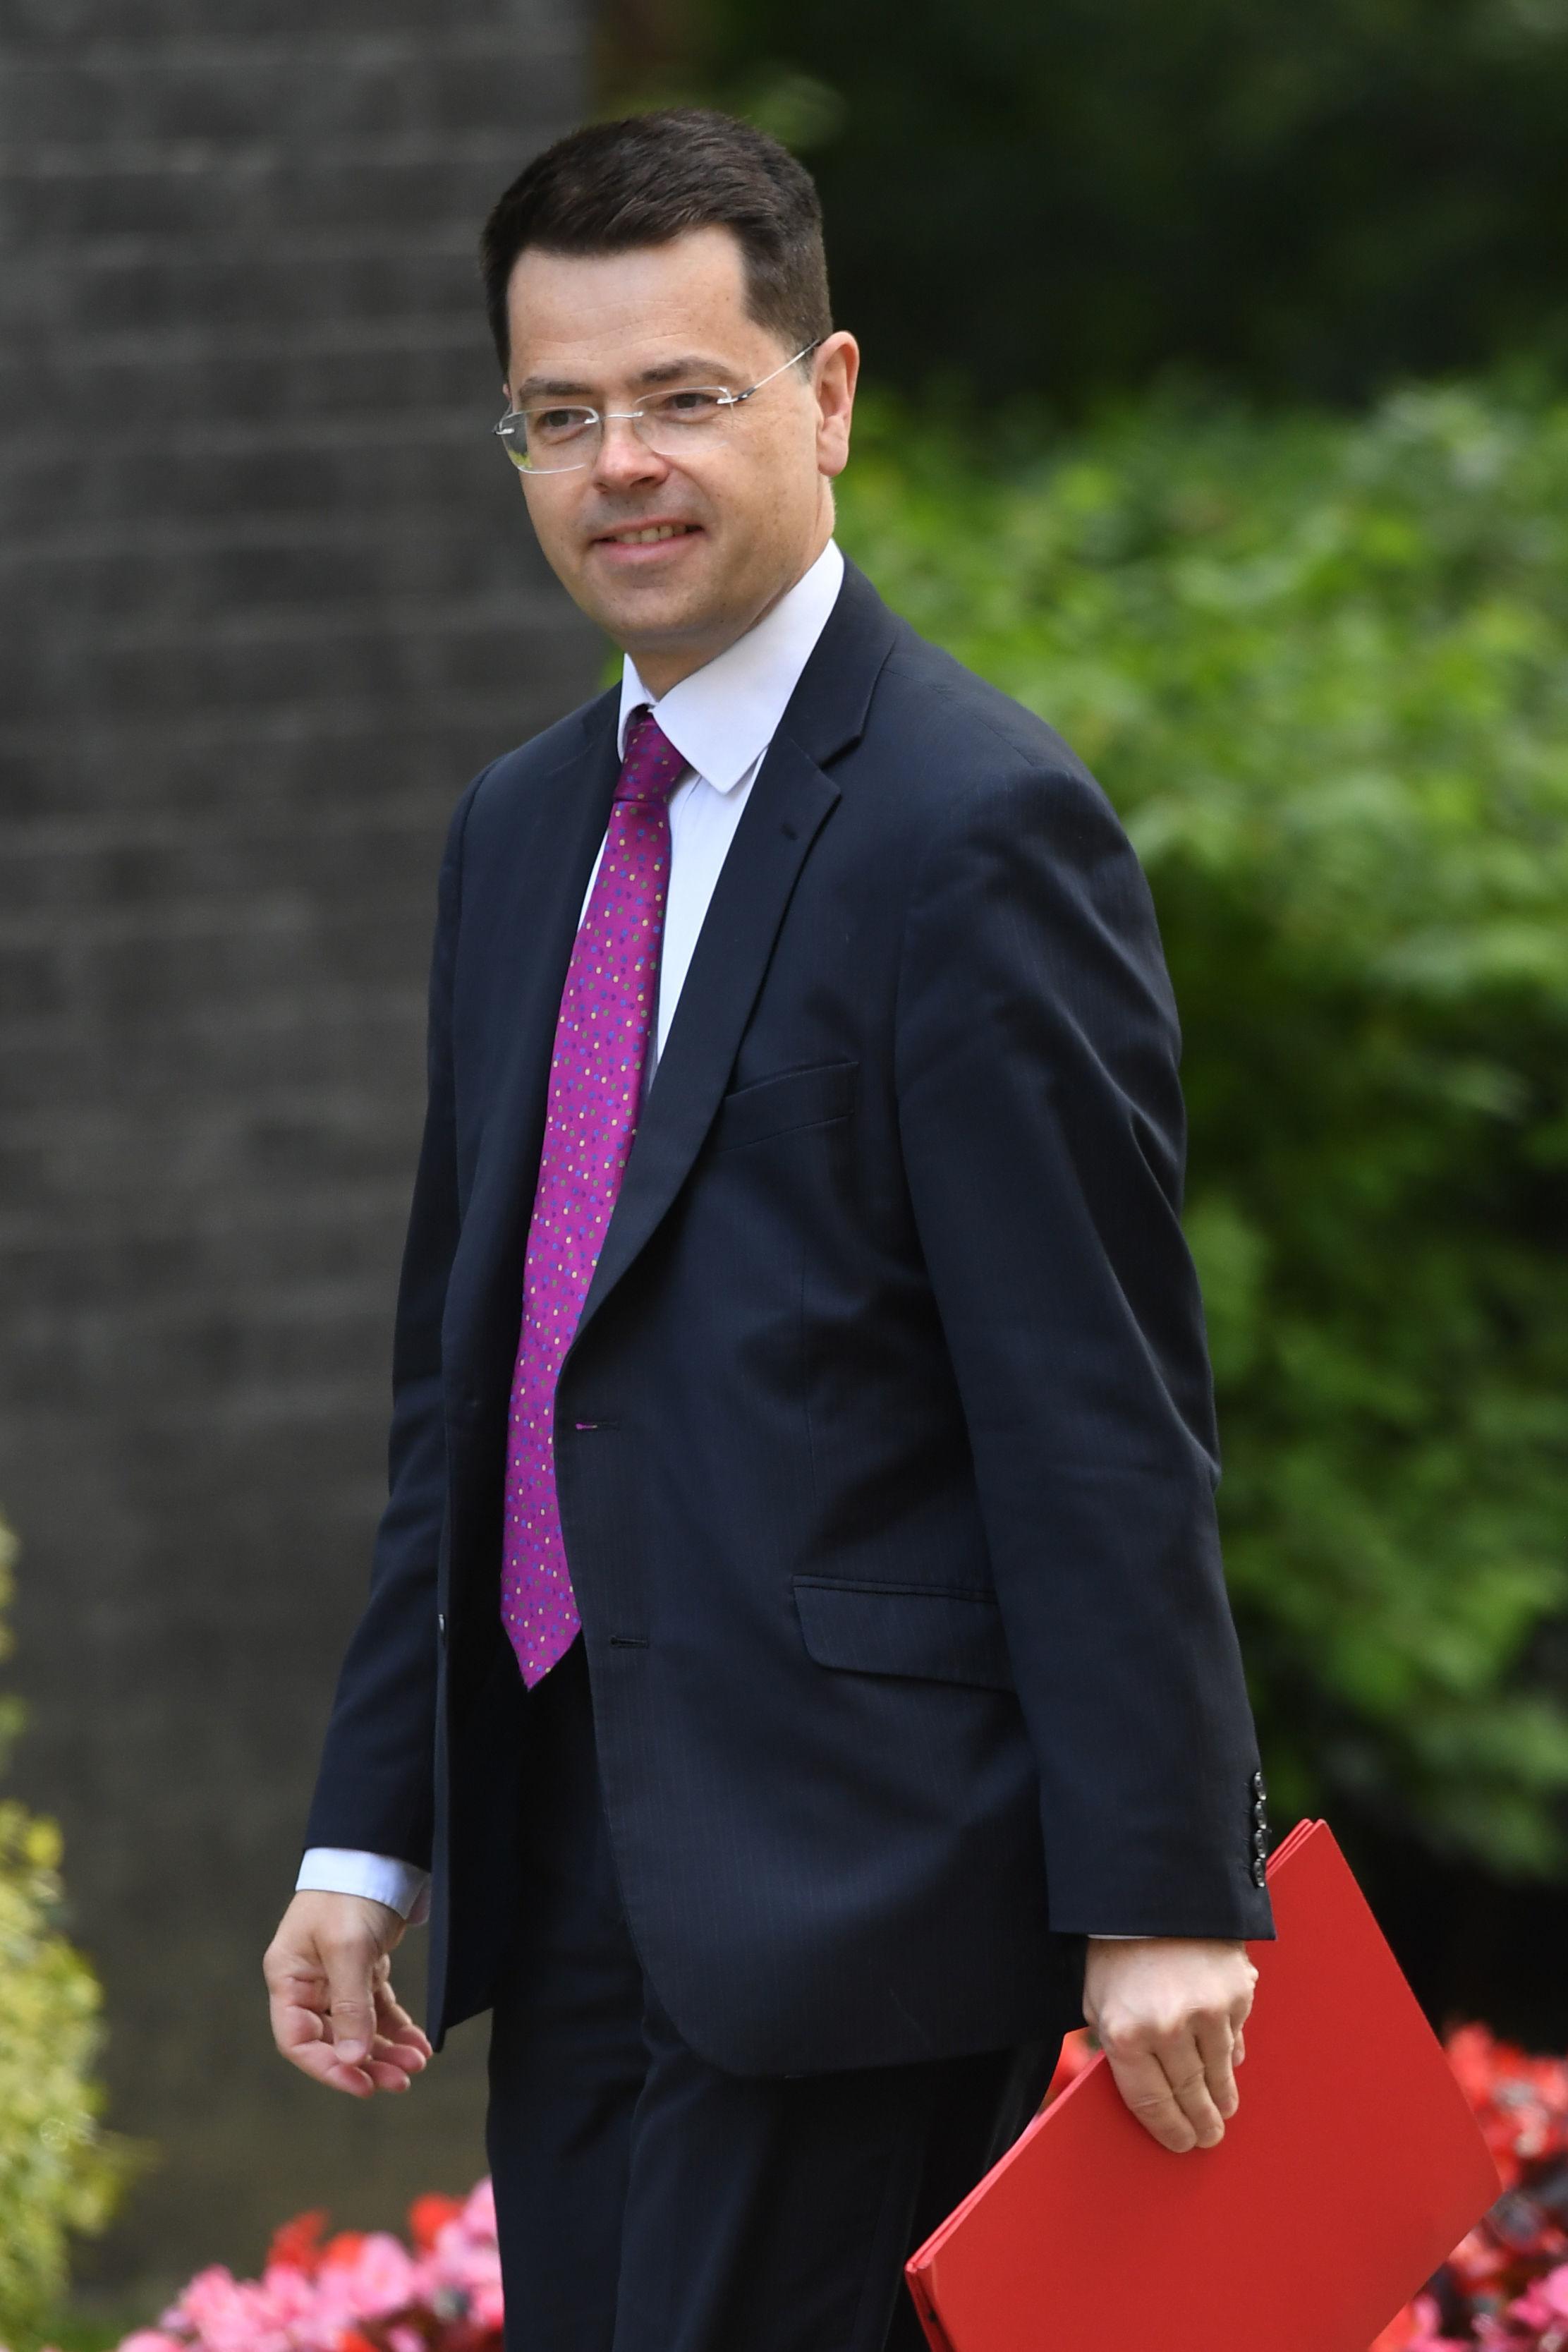 Obituario: James Brokenshire, ministro del gabinete visto como un par de manos seguras por los sucesivos primeros ministros conservadores